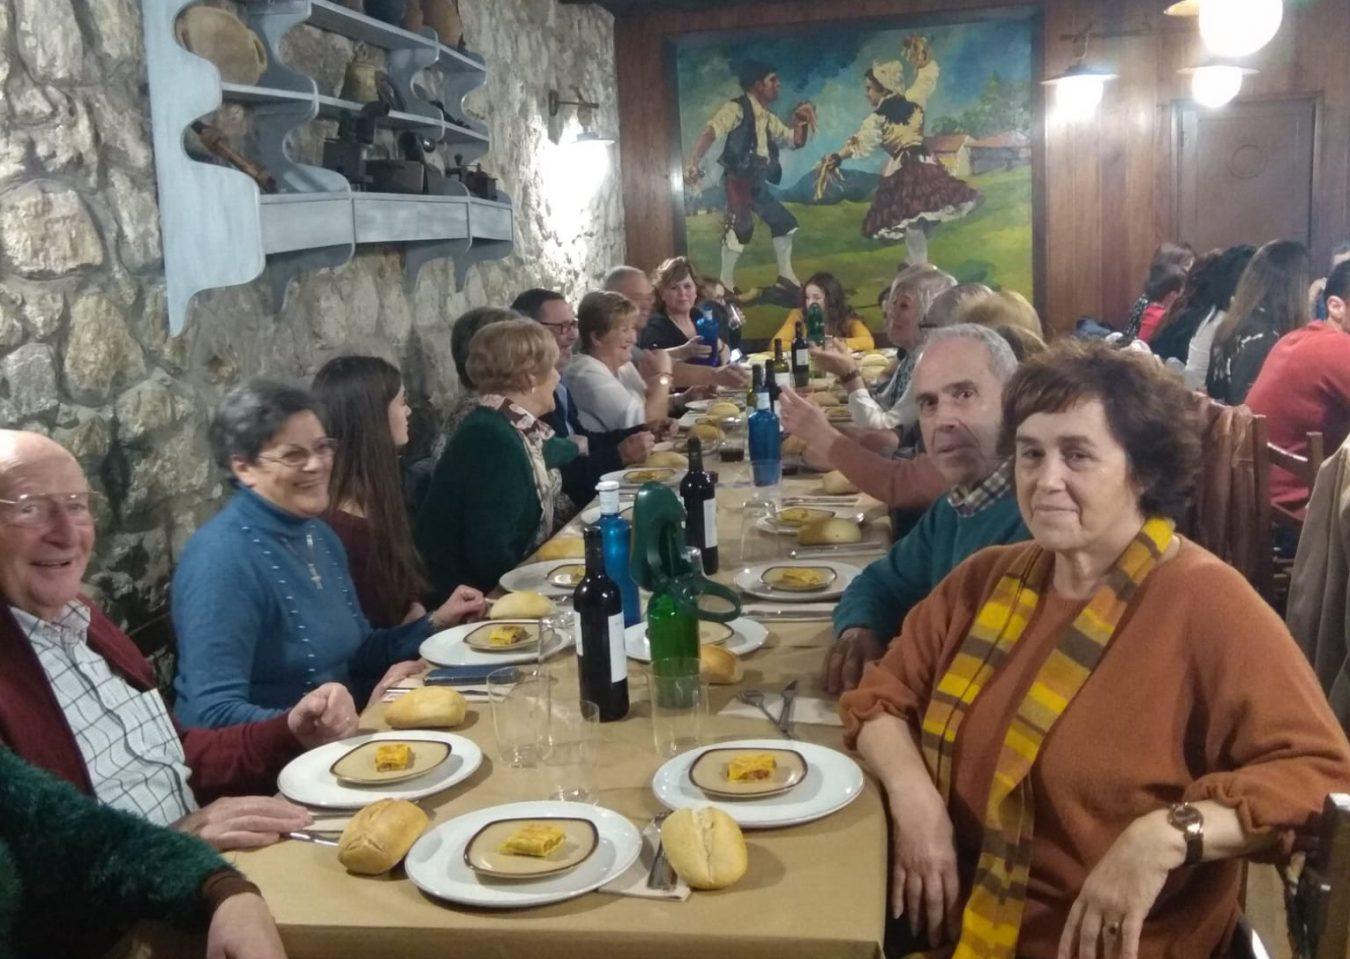 Reunión familiar de los Sánchez-Fuentes en Ribadesella